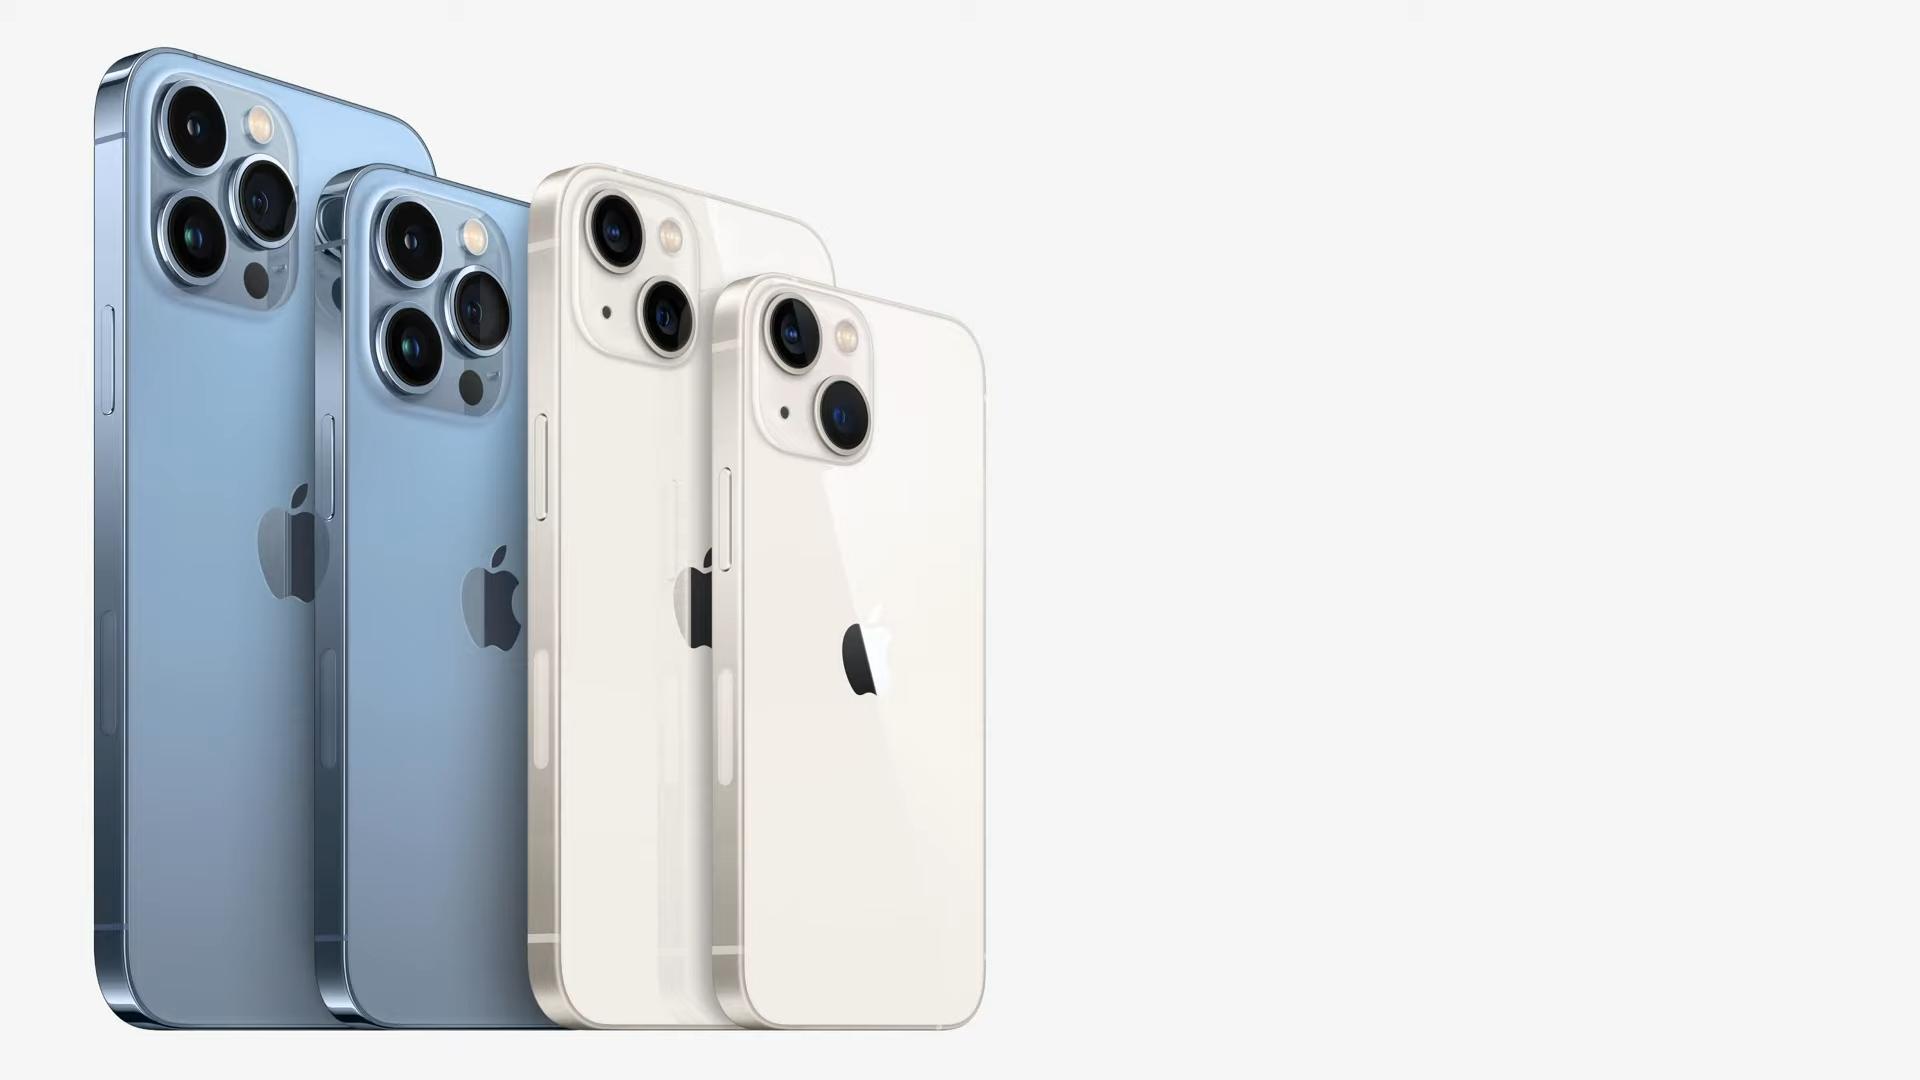 iPhone'y z serii 13 posiadają większe baterie od iPhone'ów z serii 12